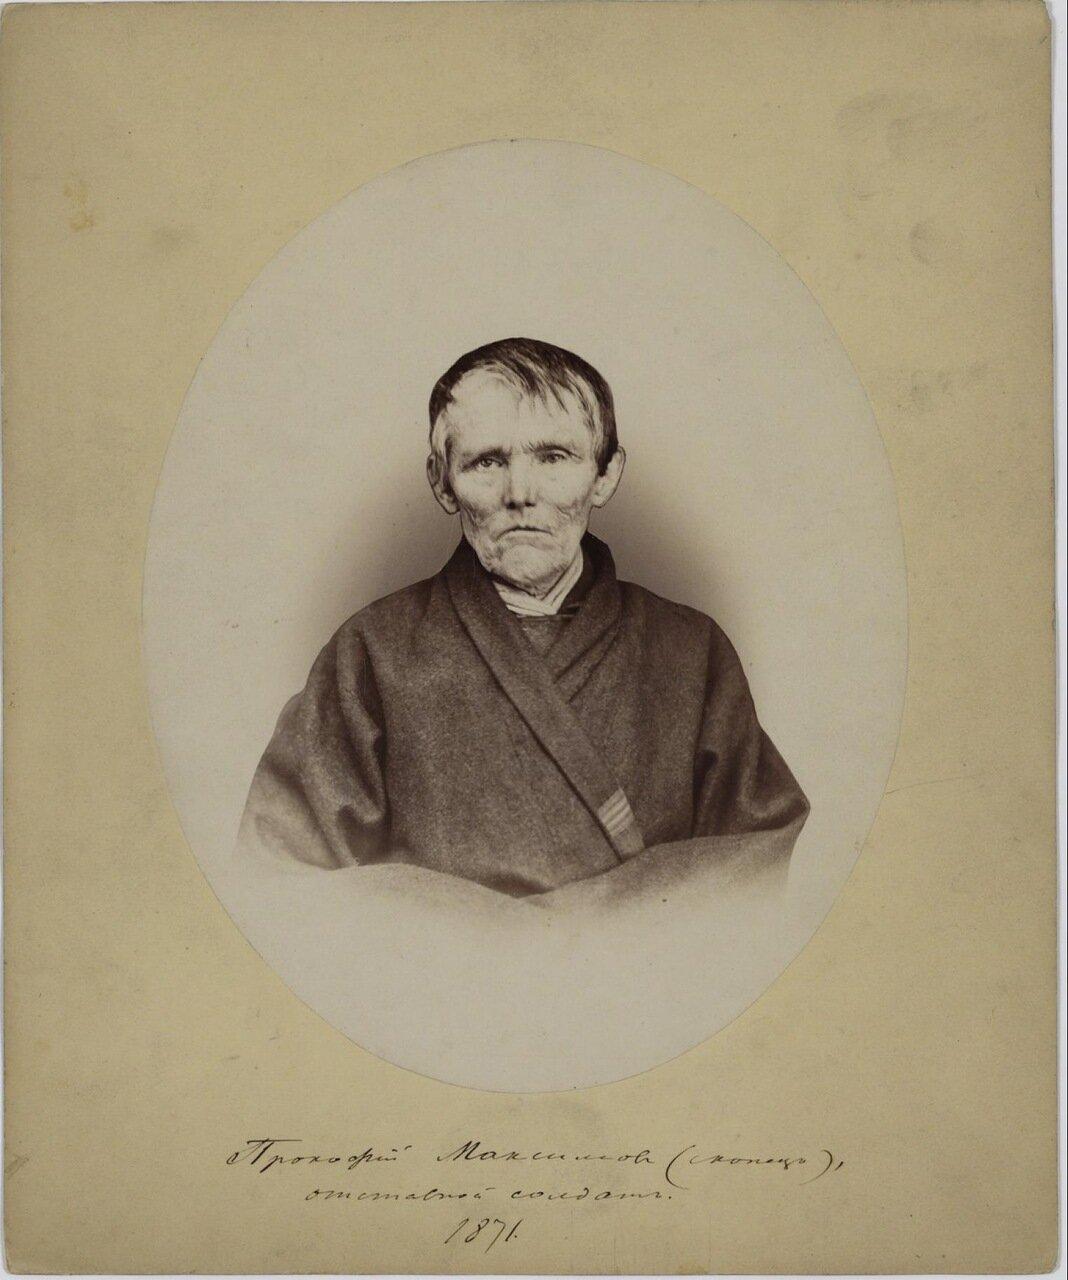 Портрет Прокофия Максимова, отставного солдата. Фотография при Управлении Моск. обер-полицмейстера 1871 г.